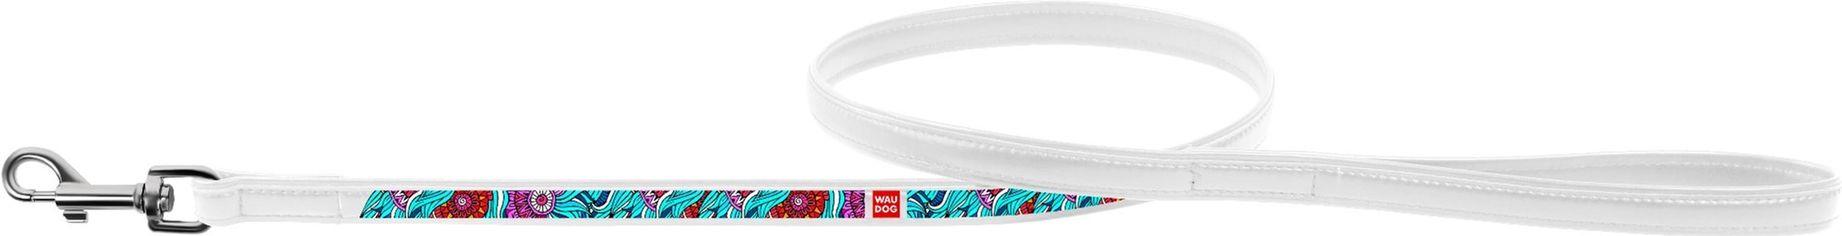 Поводок Collar WauDog с рисунком Лето 122 см 18 мм Белый (378415) (4823089309880) от Rozetka